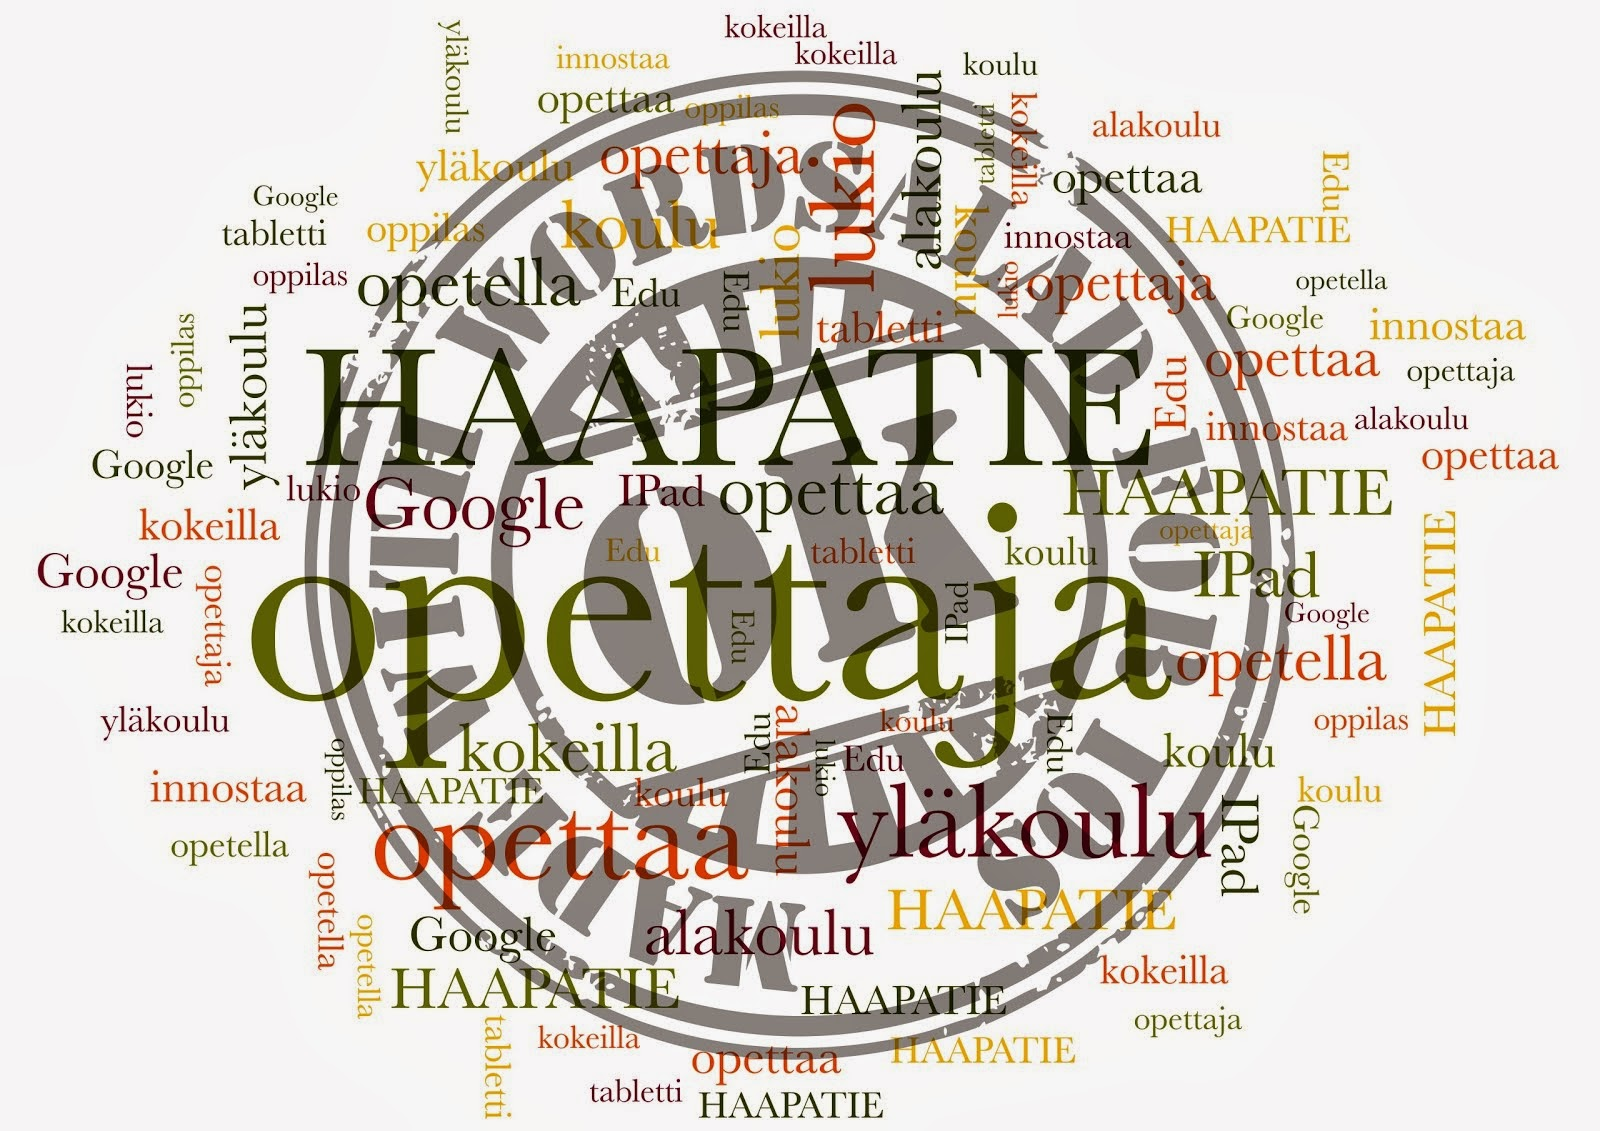 Haapatie-hanke